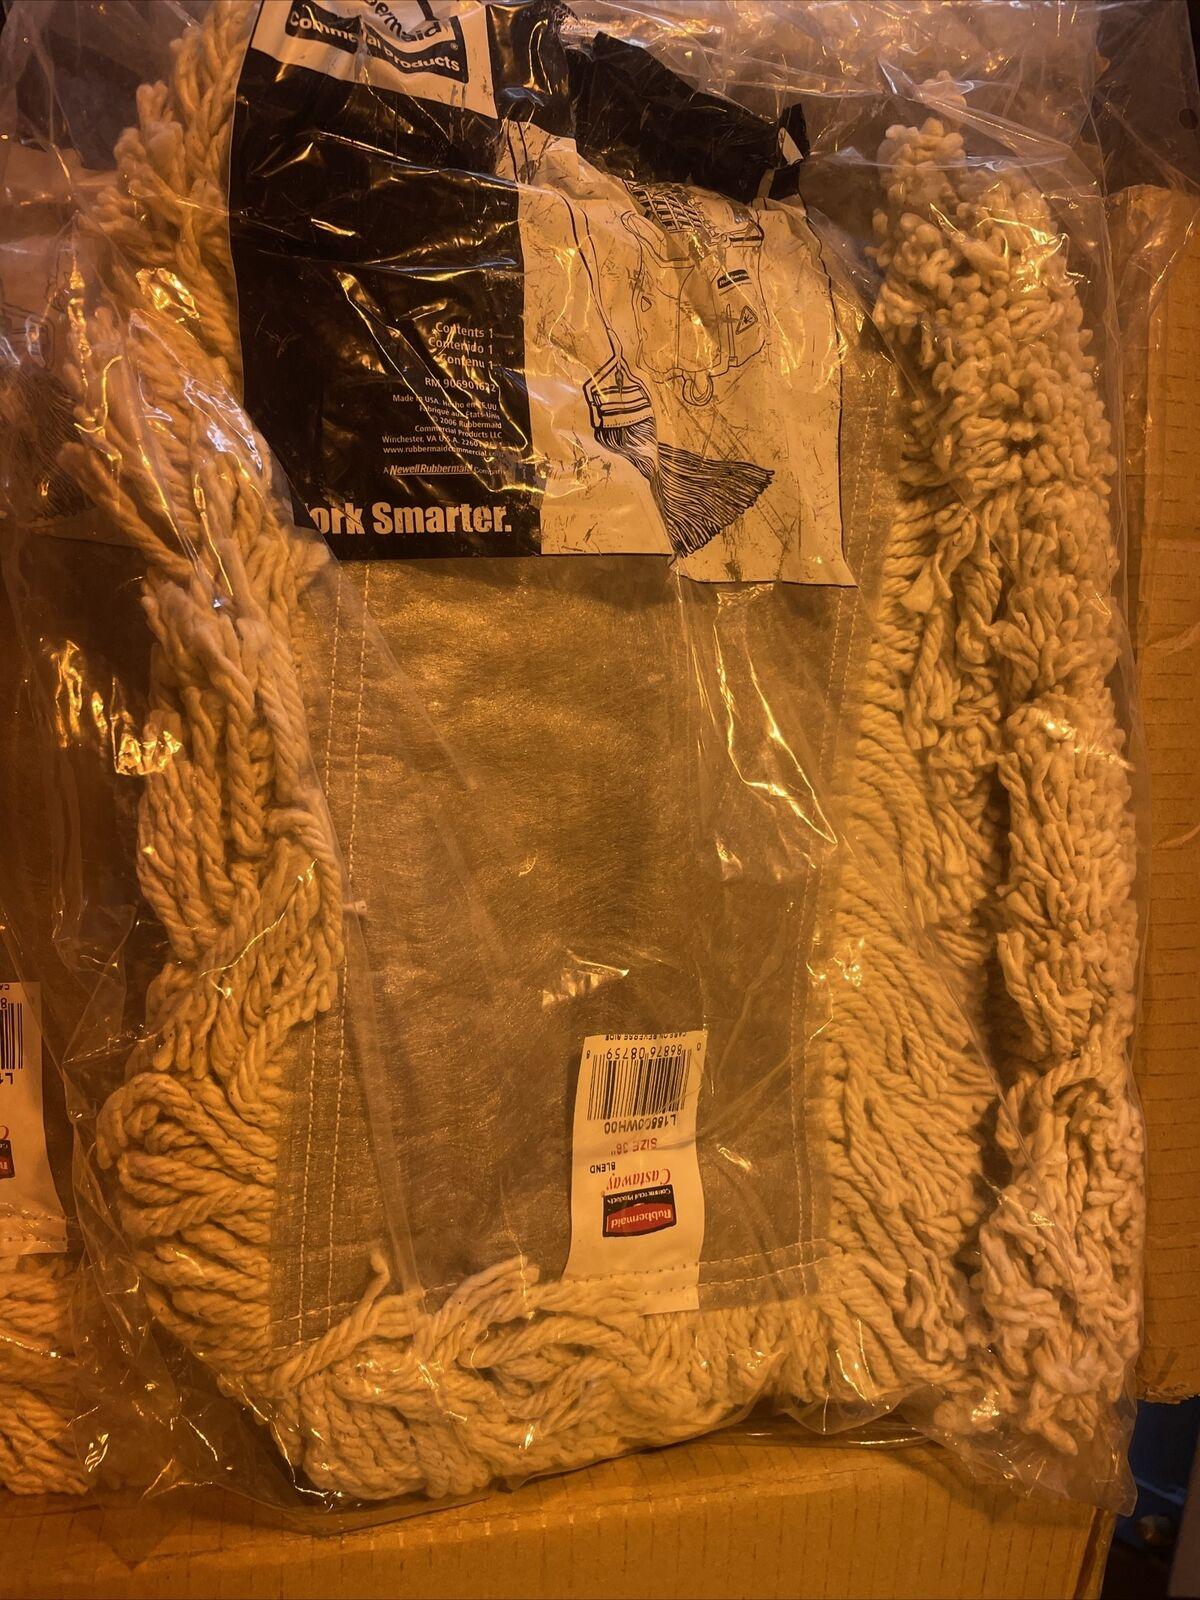 17 Dust Mops. Rubbermaid Kut-A-Way Dust Mops, White, 36 Inch - L15500WH00